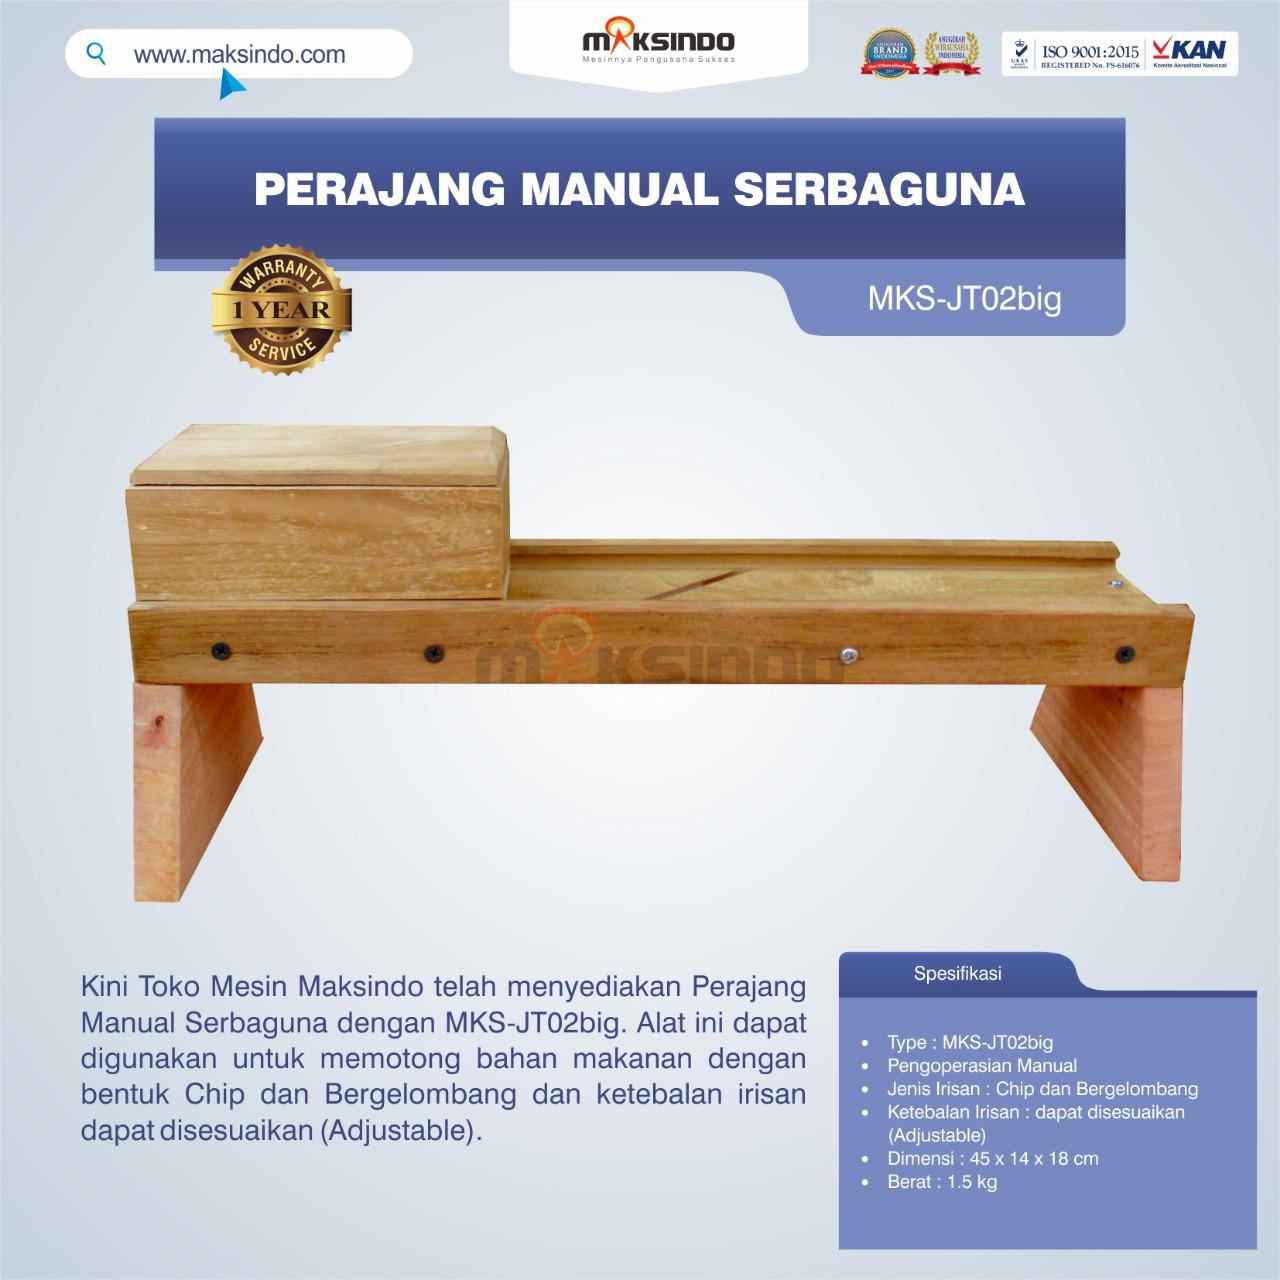 Jual Perajang Manual Serbaguna MKS-JT02big di Tangerang